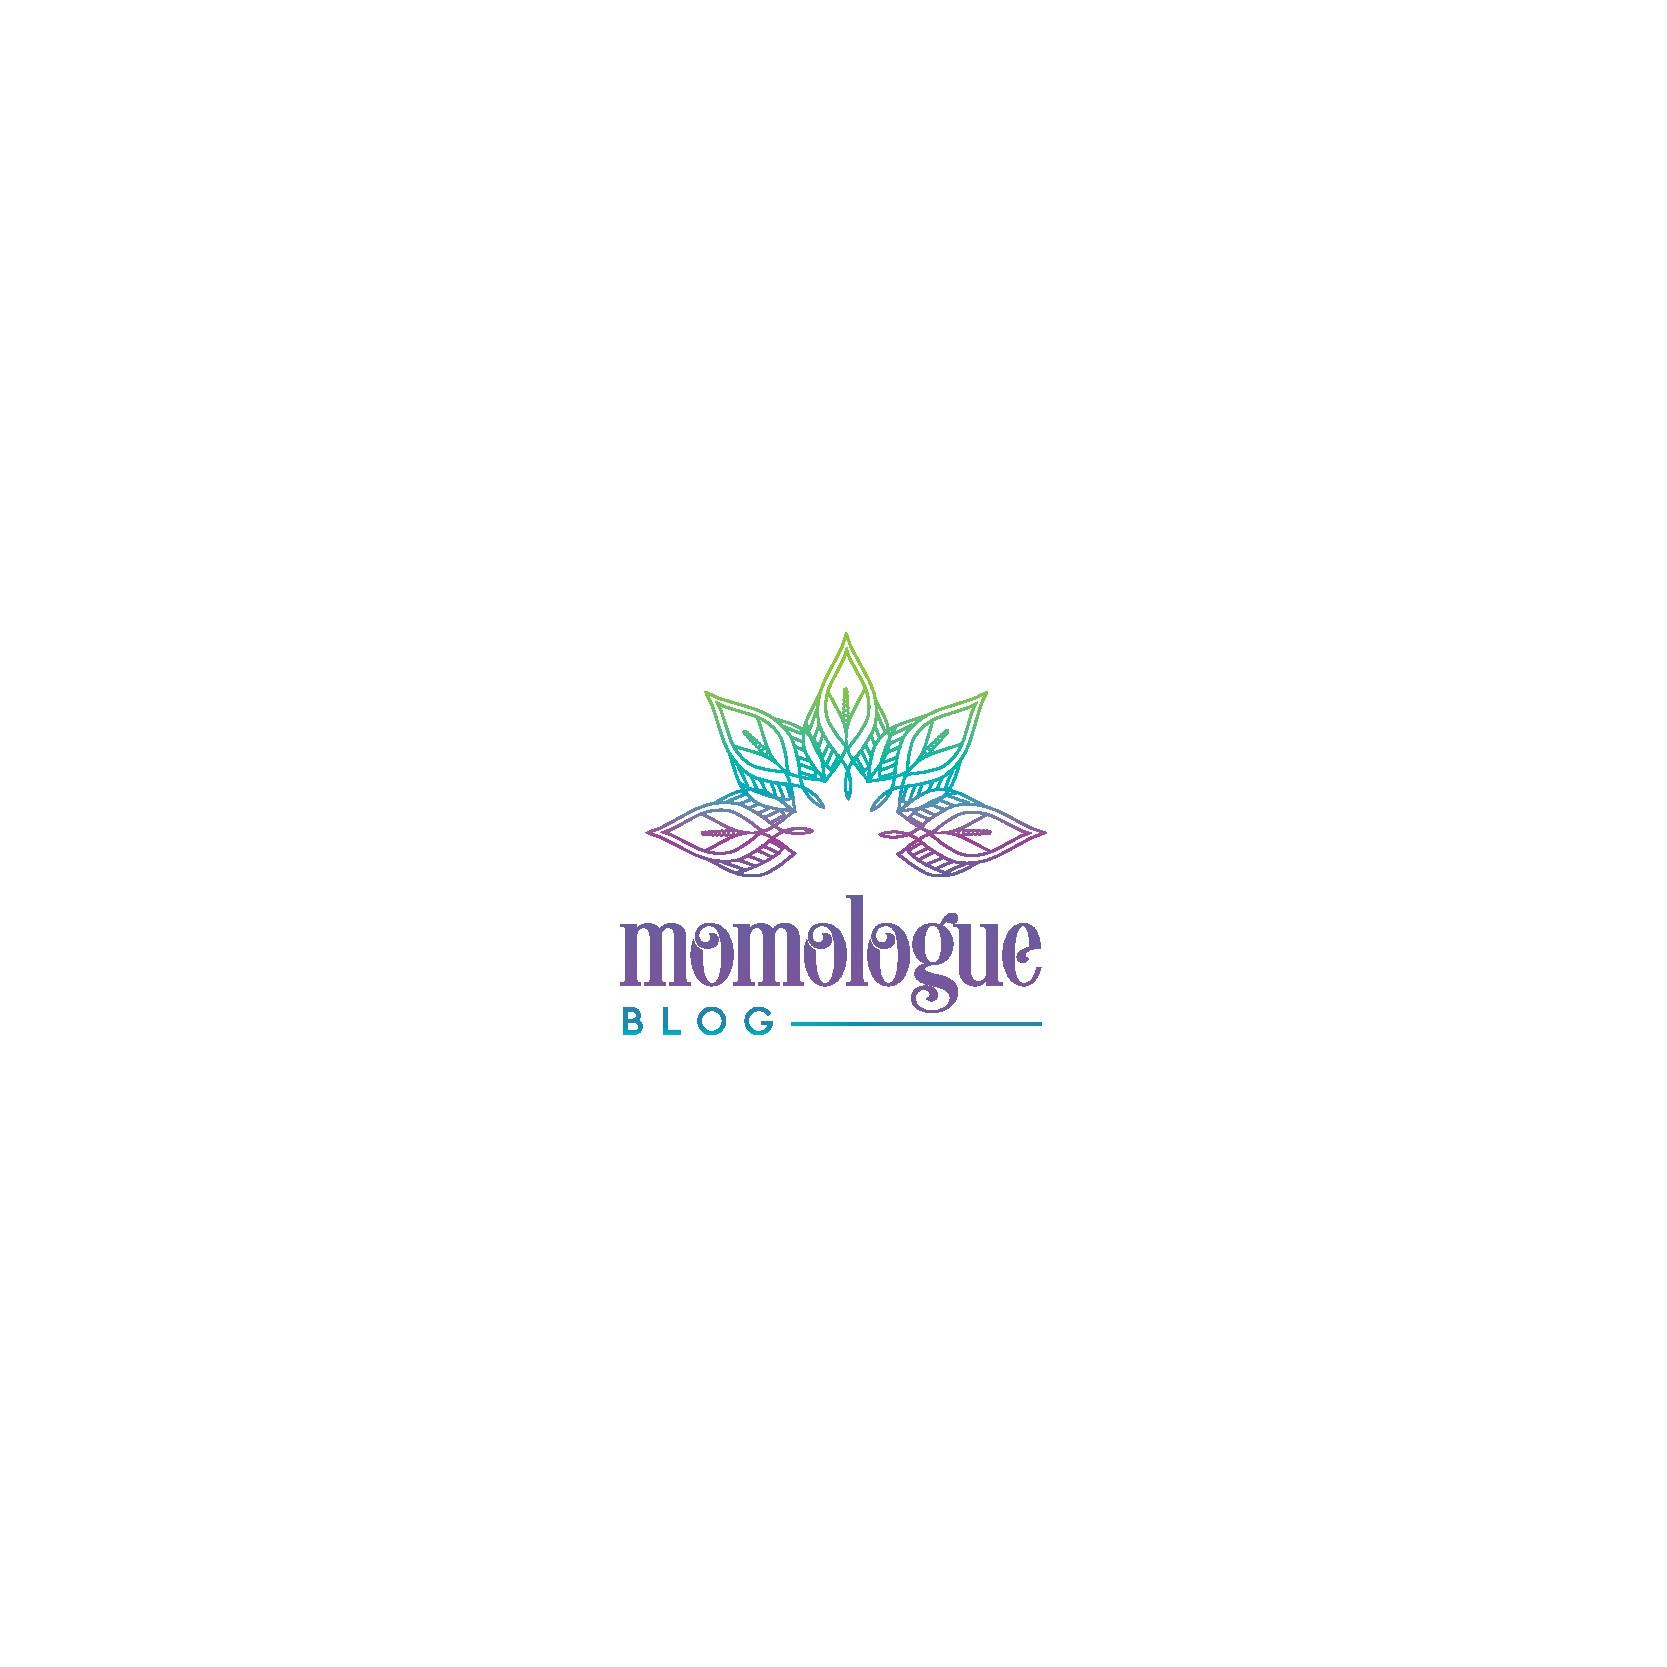 crazy, sassy, cool mom*3 needs logo for blog